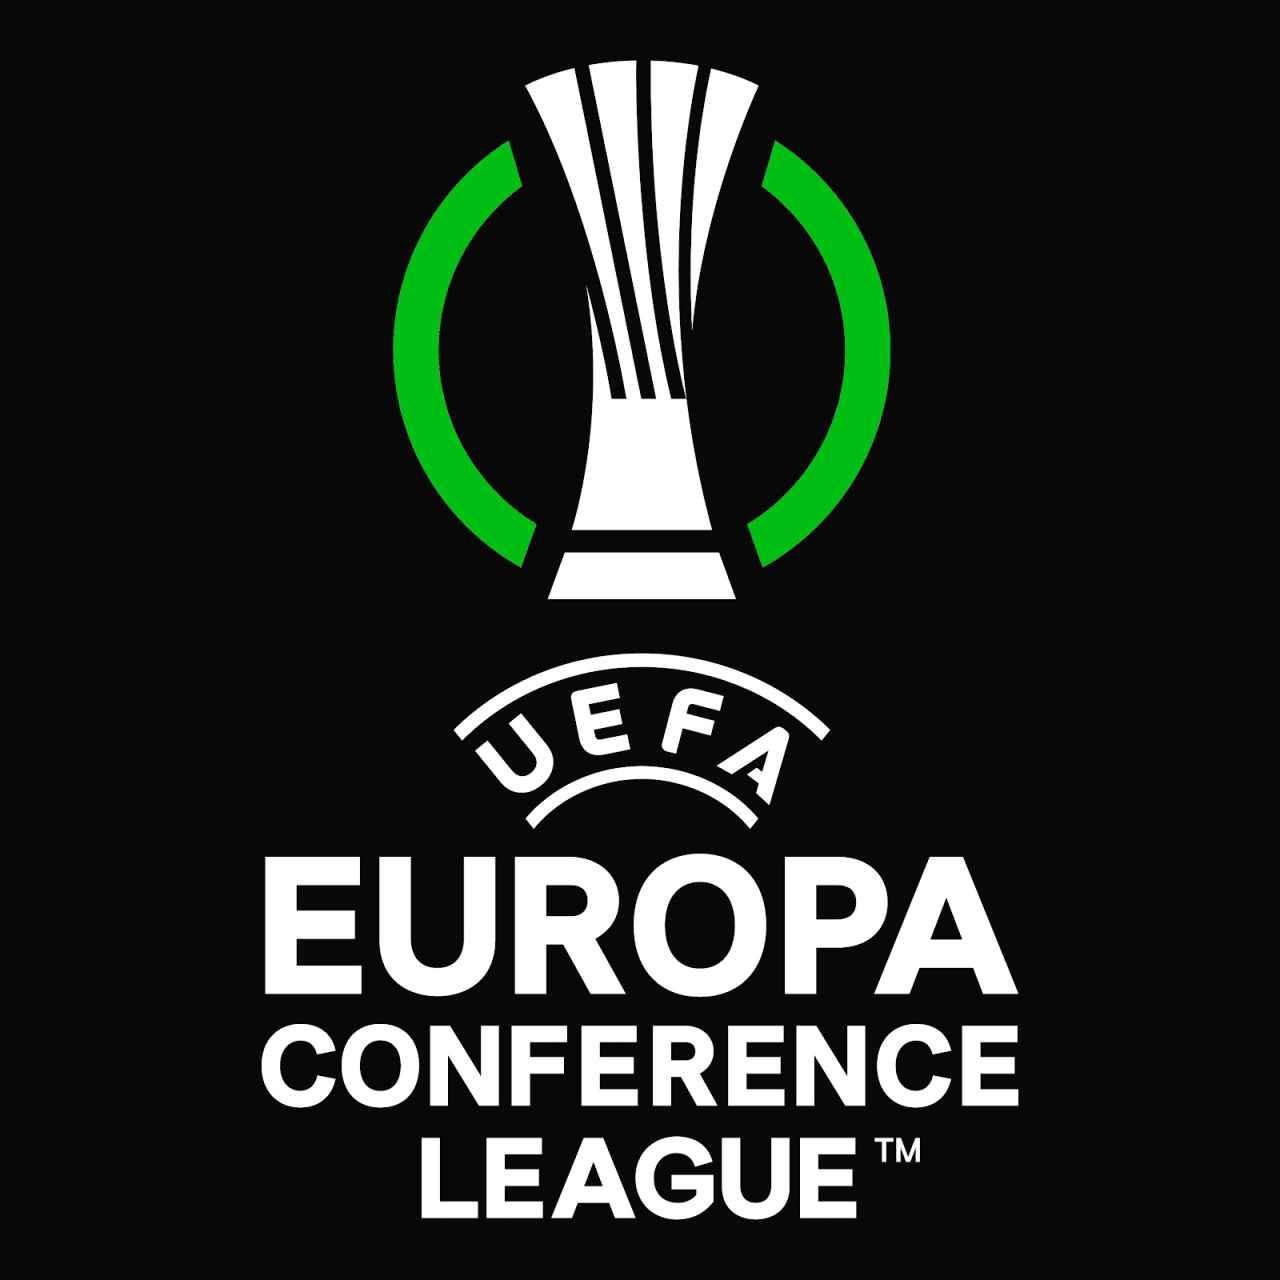 El logo de la nueva Conference League de UEFA